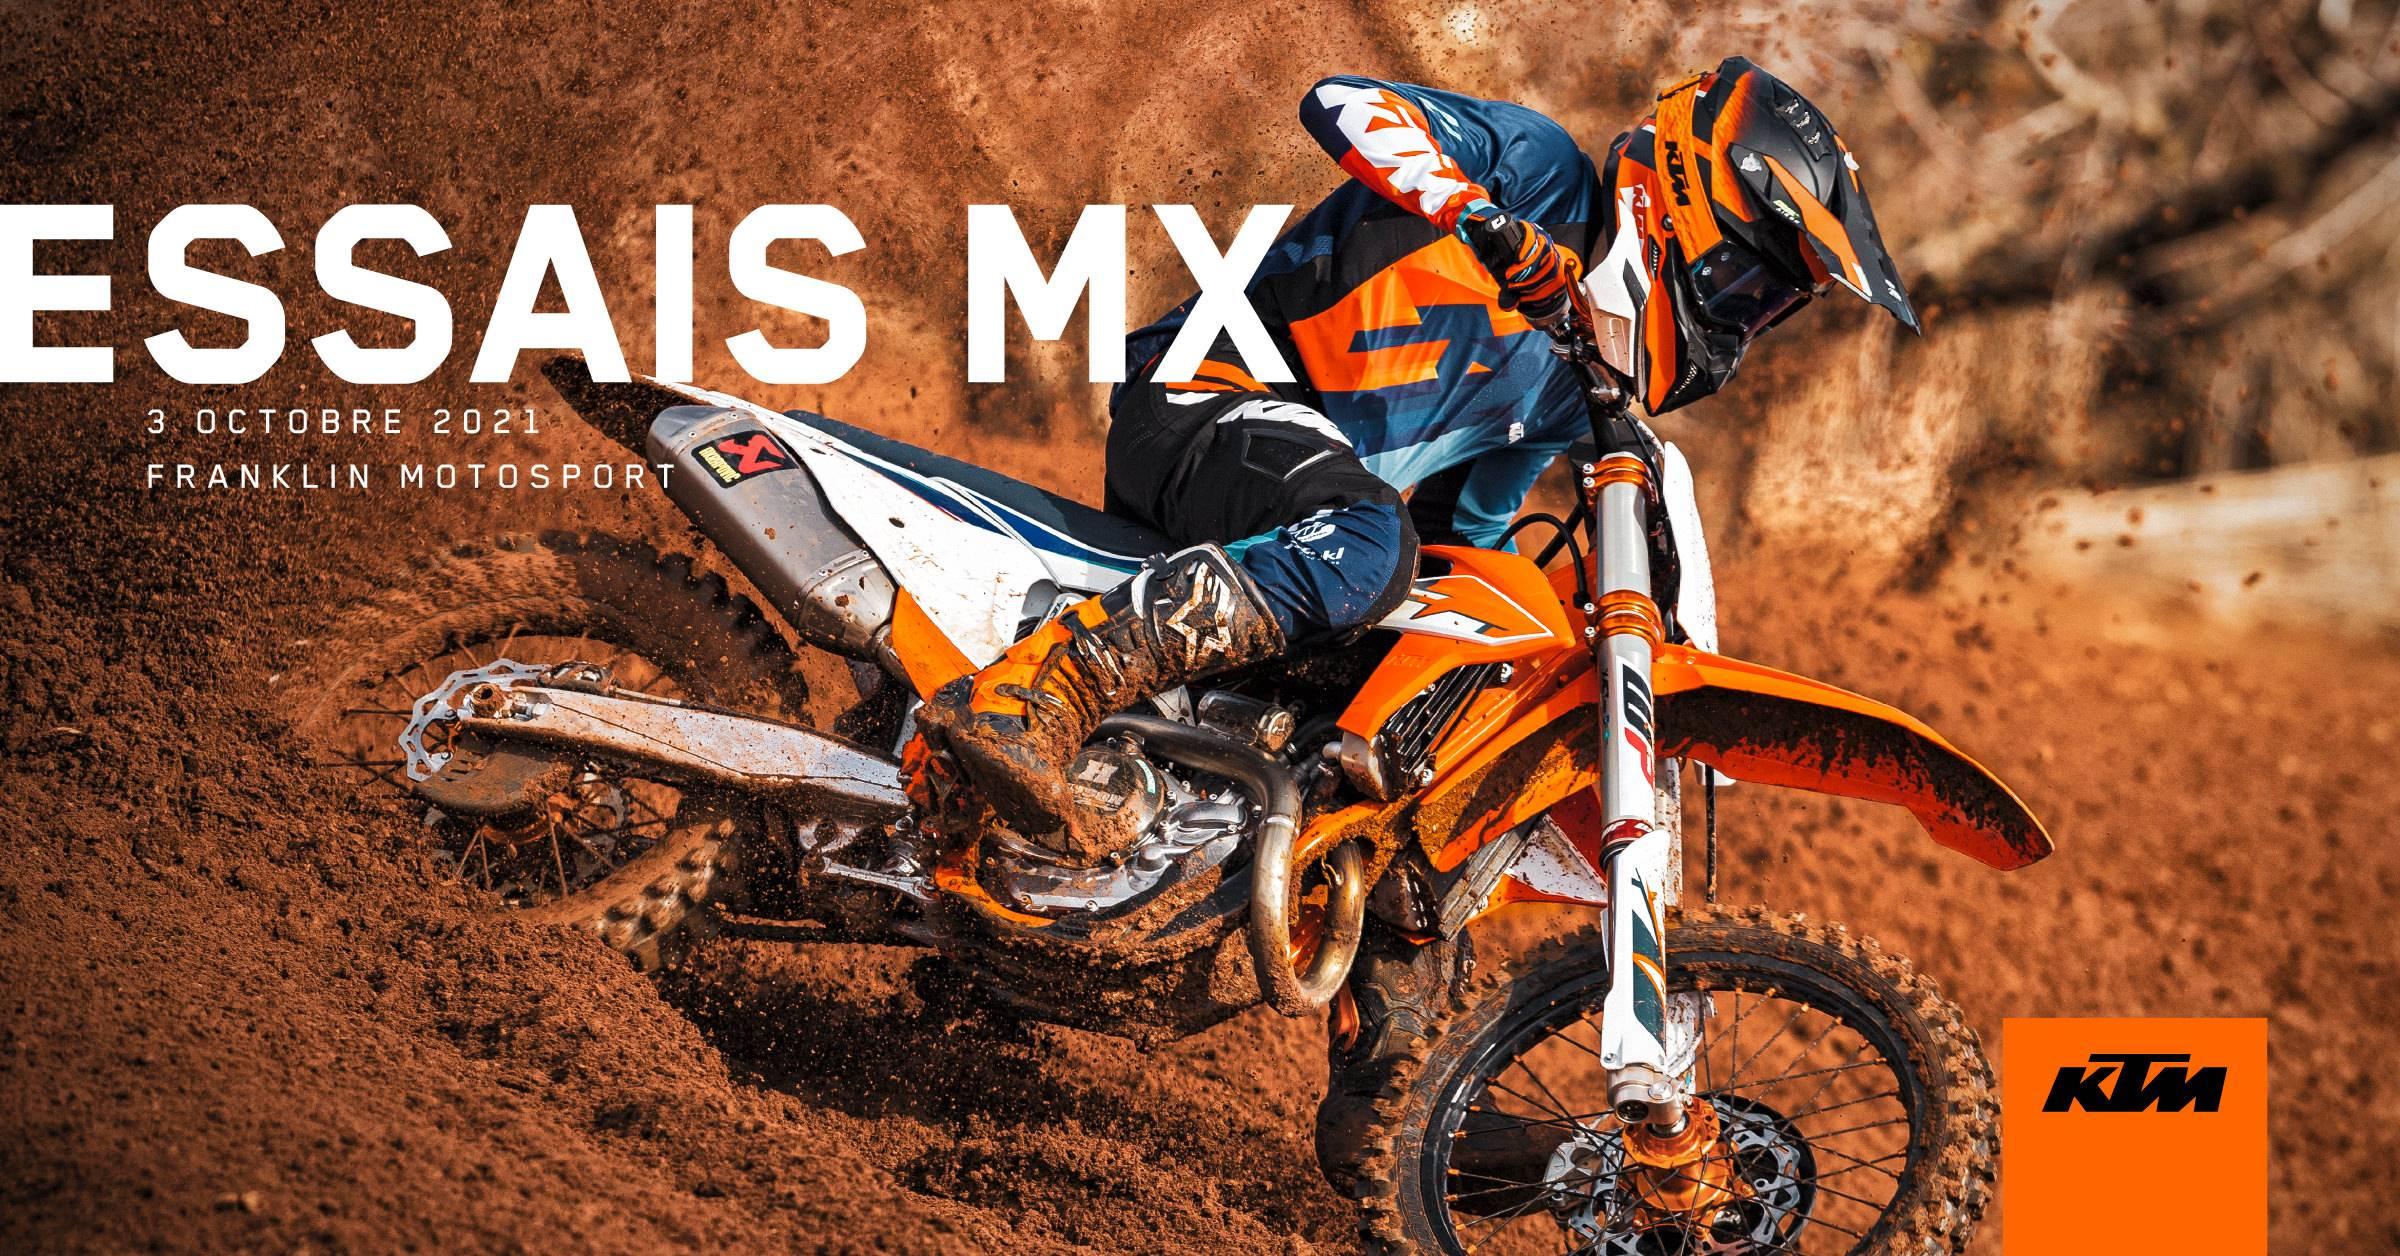 3 octobre 2021 - Essais MX KTM